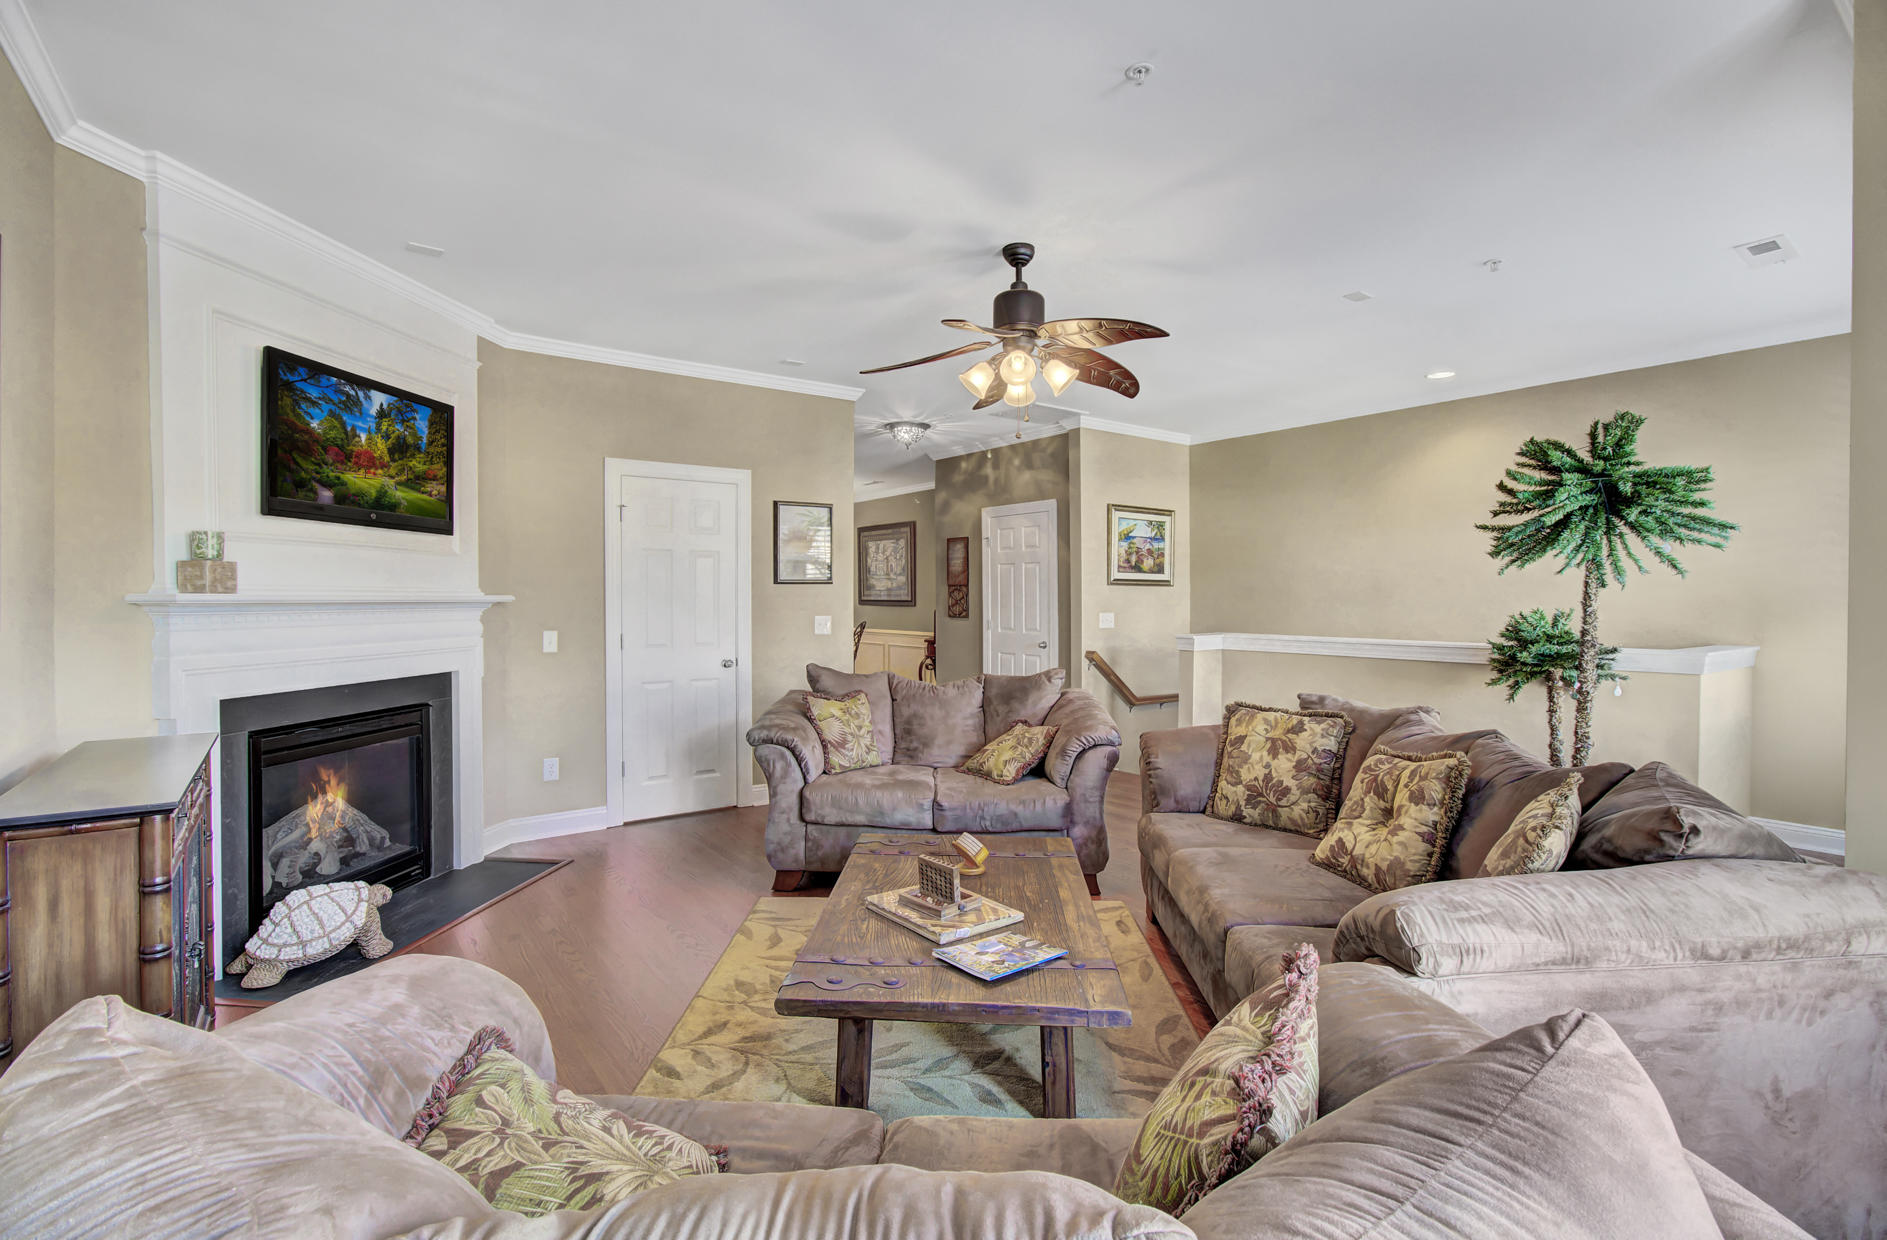 Park West Homes For Sale - 3672 Bagley, Mount Pleasant, SC - 22